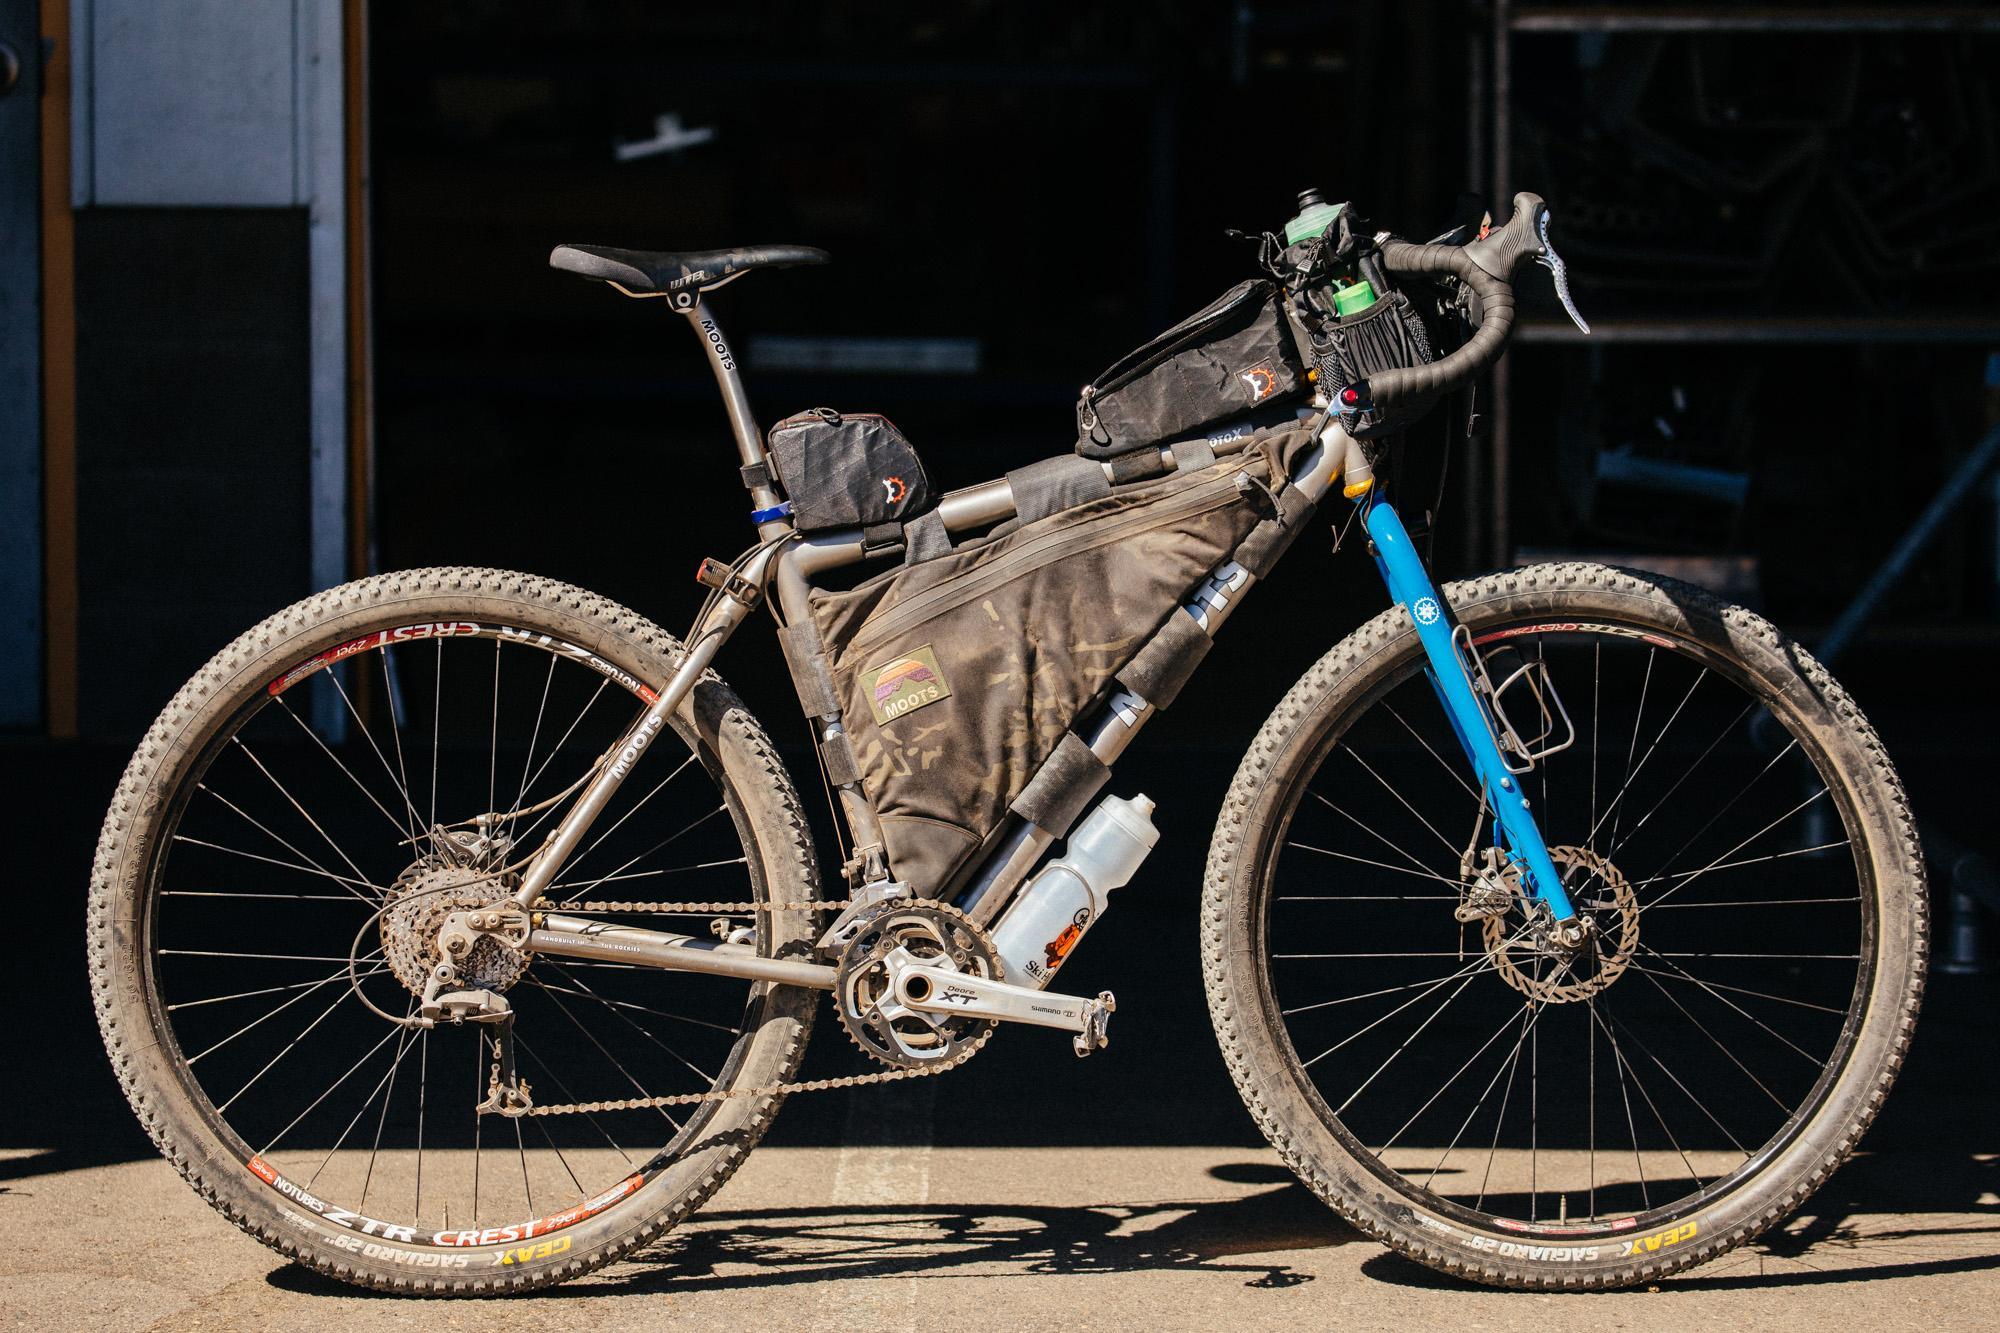 Eric's Mooto X